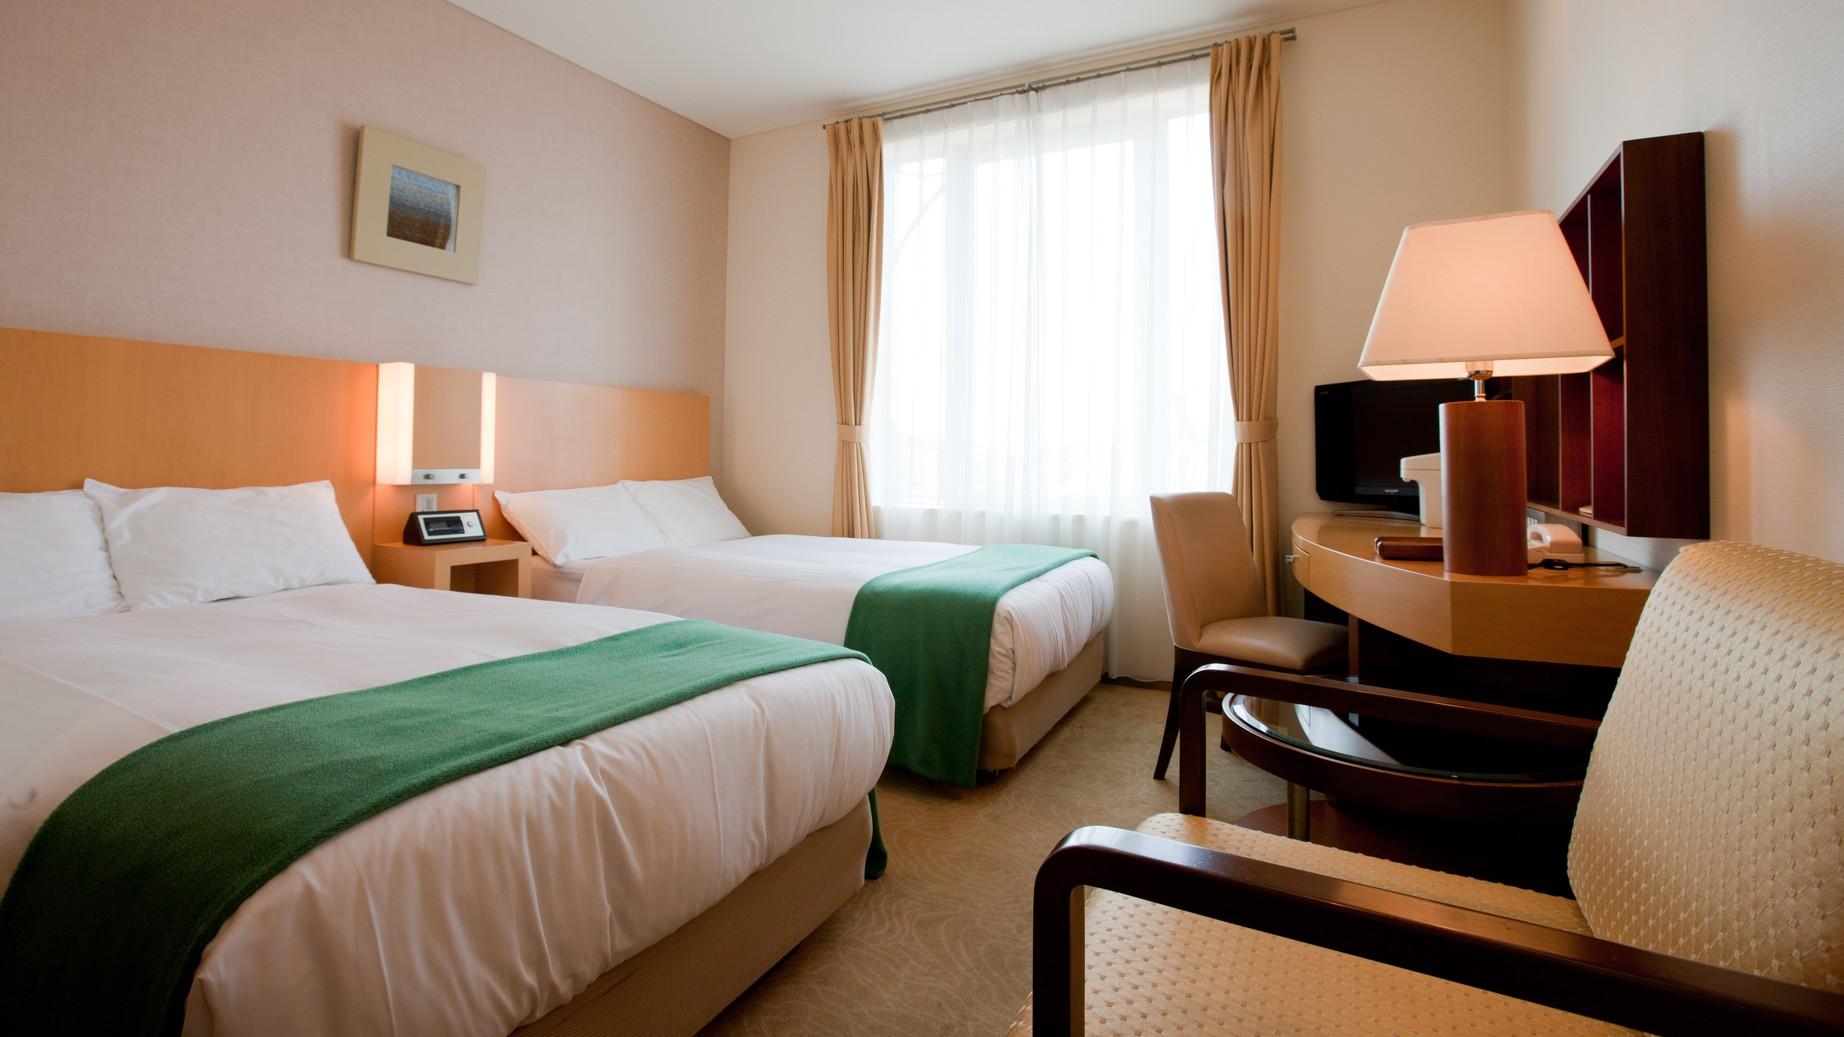 ホテル北野プラザ 六甲荘 image